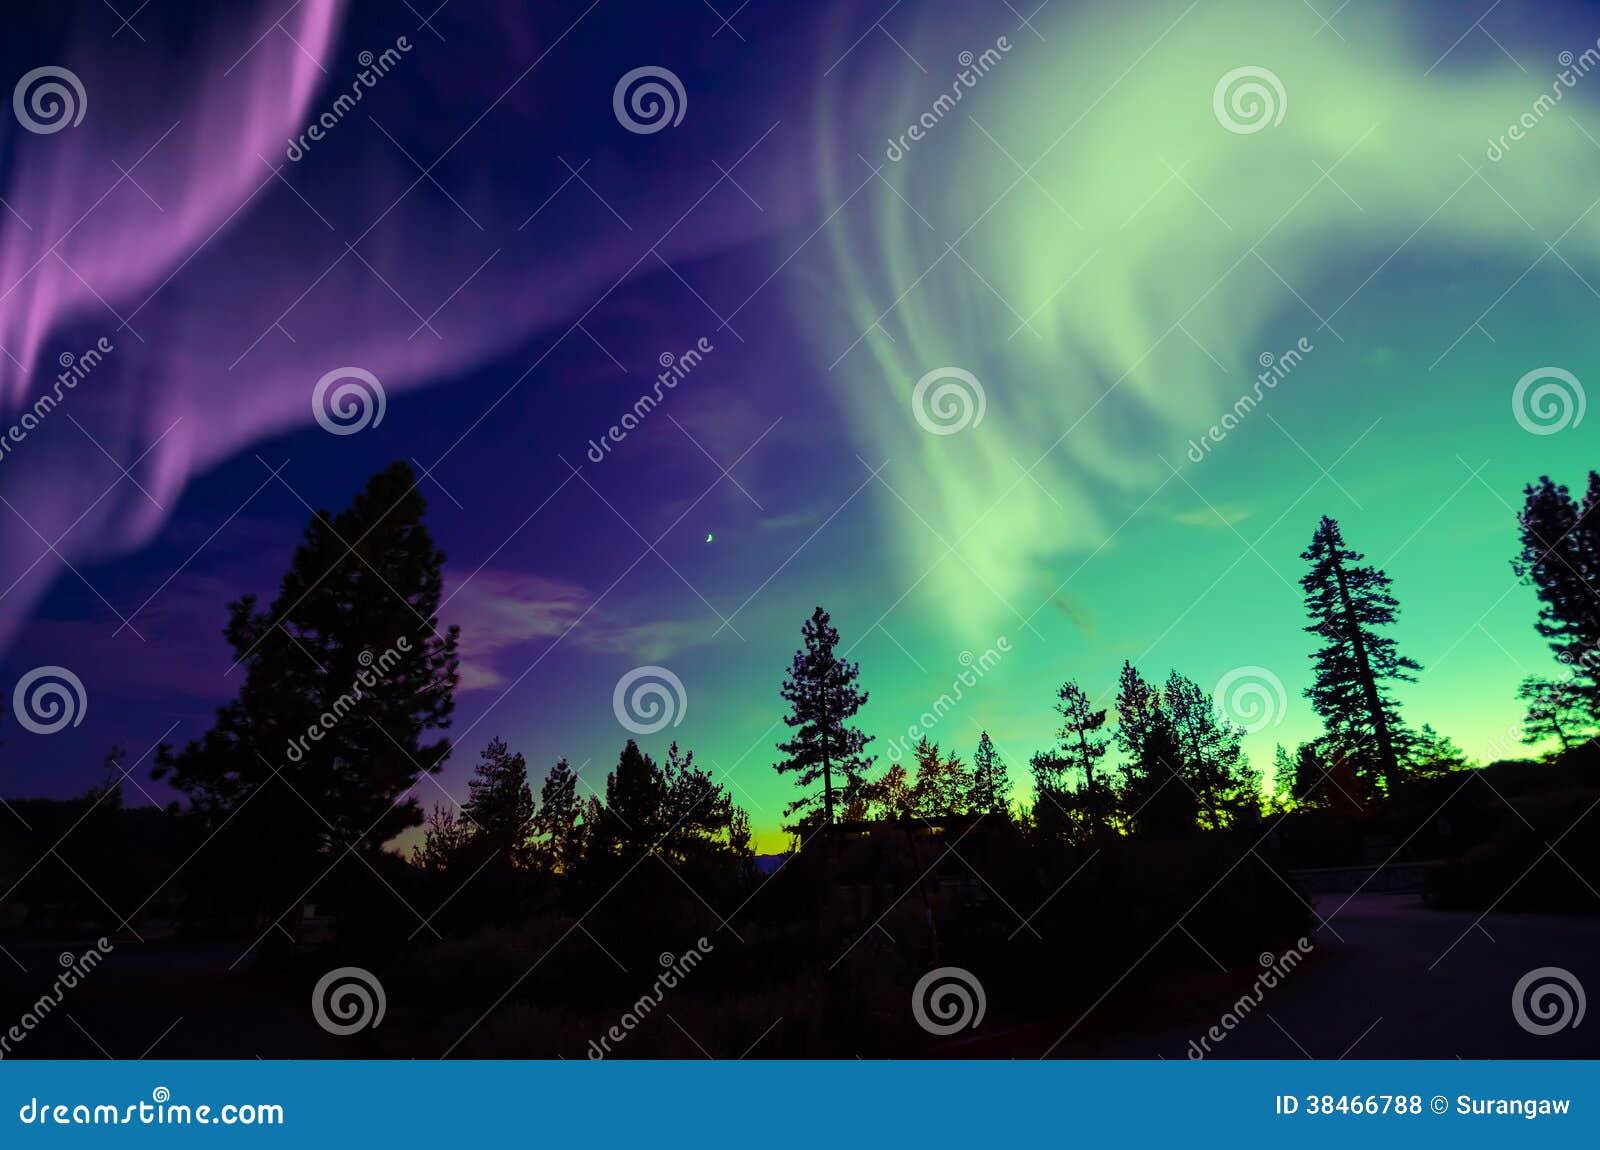 Nordlichtaurora borealis im nächtlichen Himmel über schöner Seelandschaft